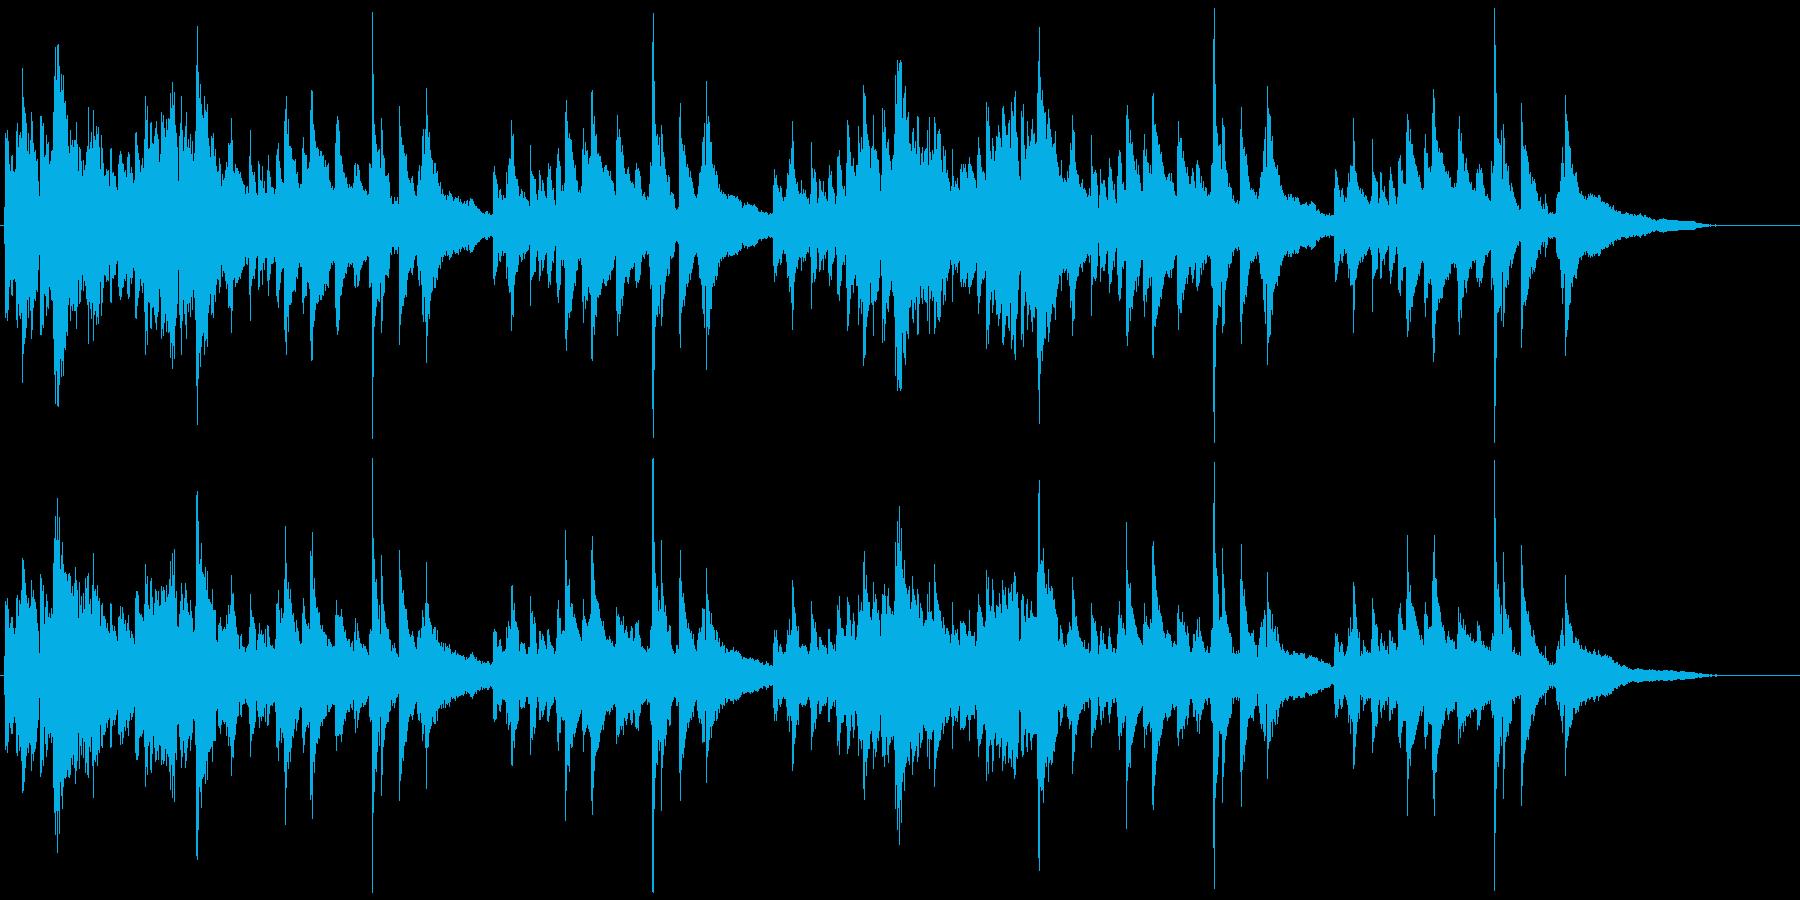 アップテンポ系/クラシックギターの独奏の再生済みの波形